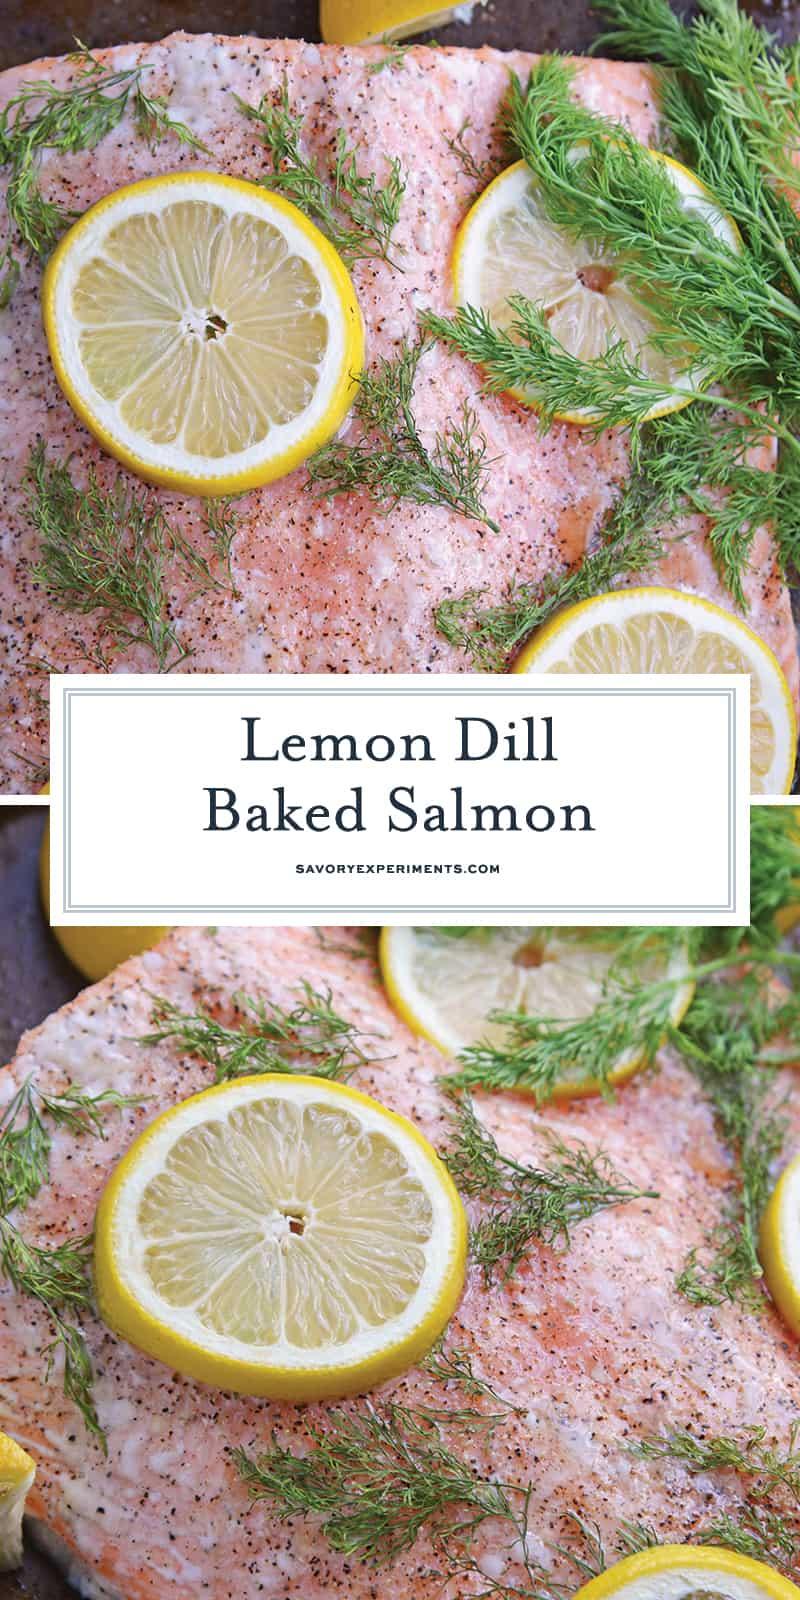 Lemon Baked Salmon for Pinterest